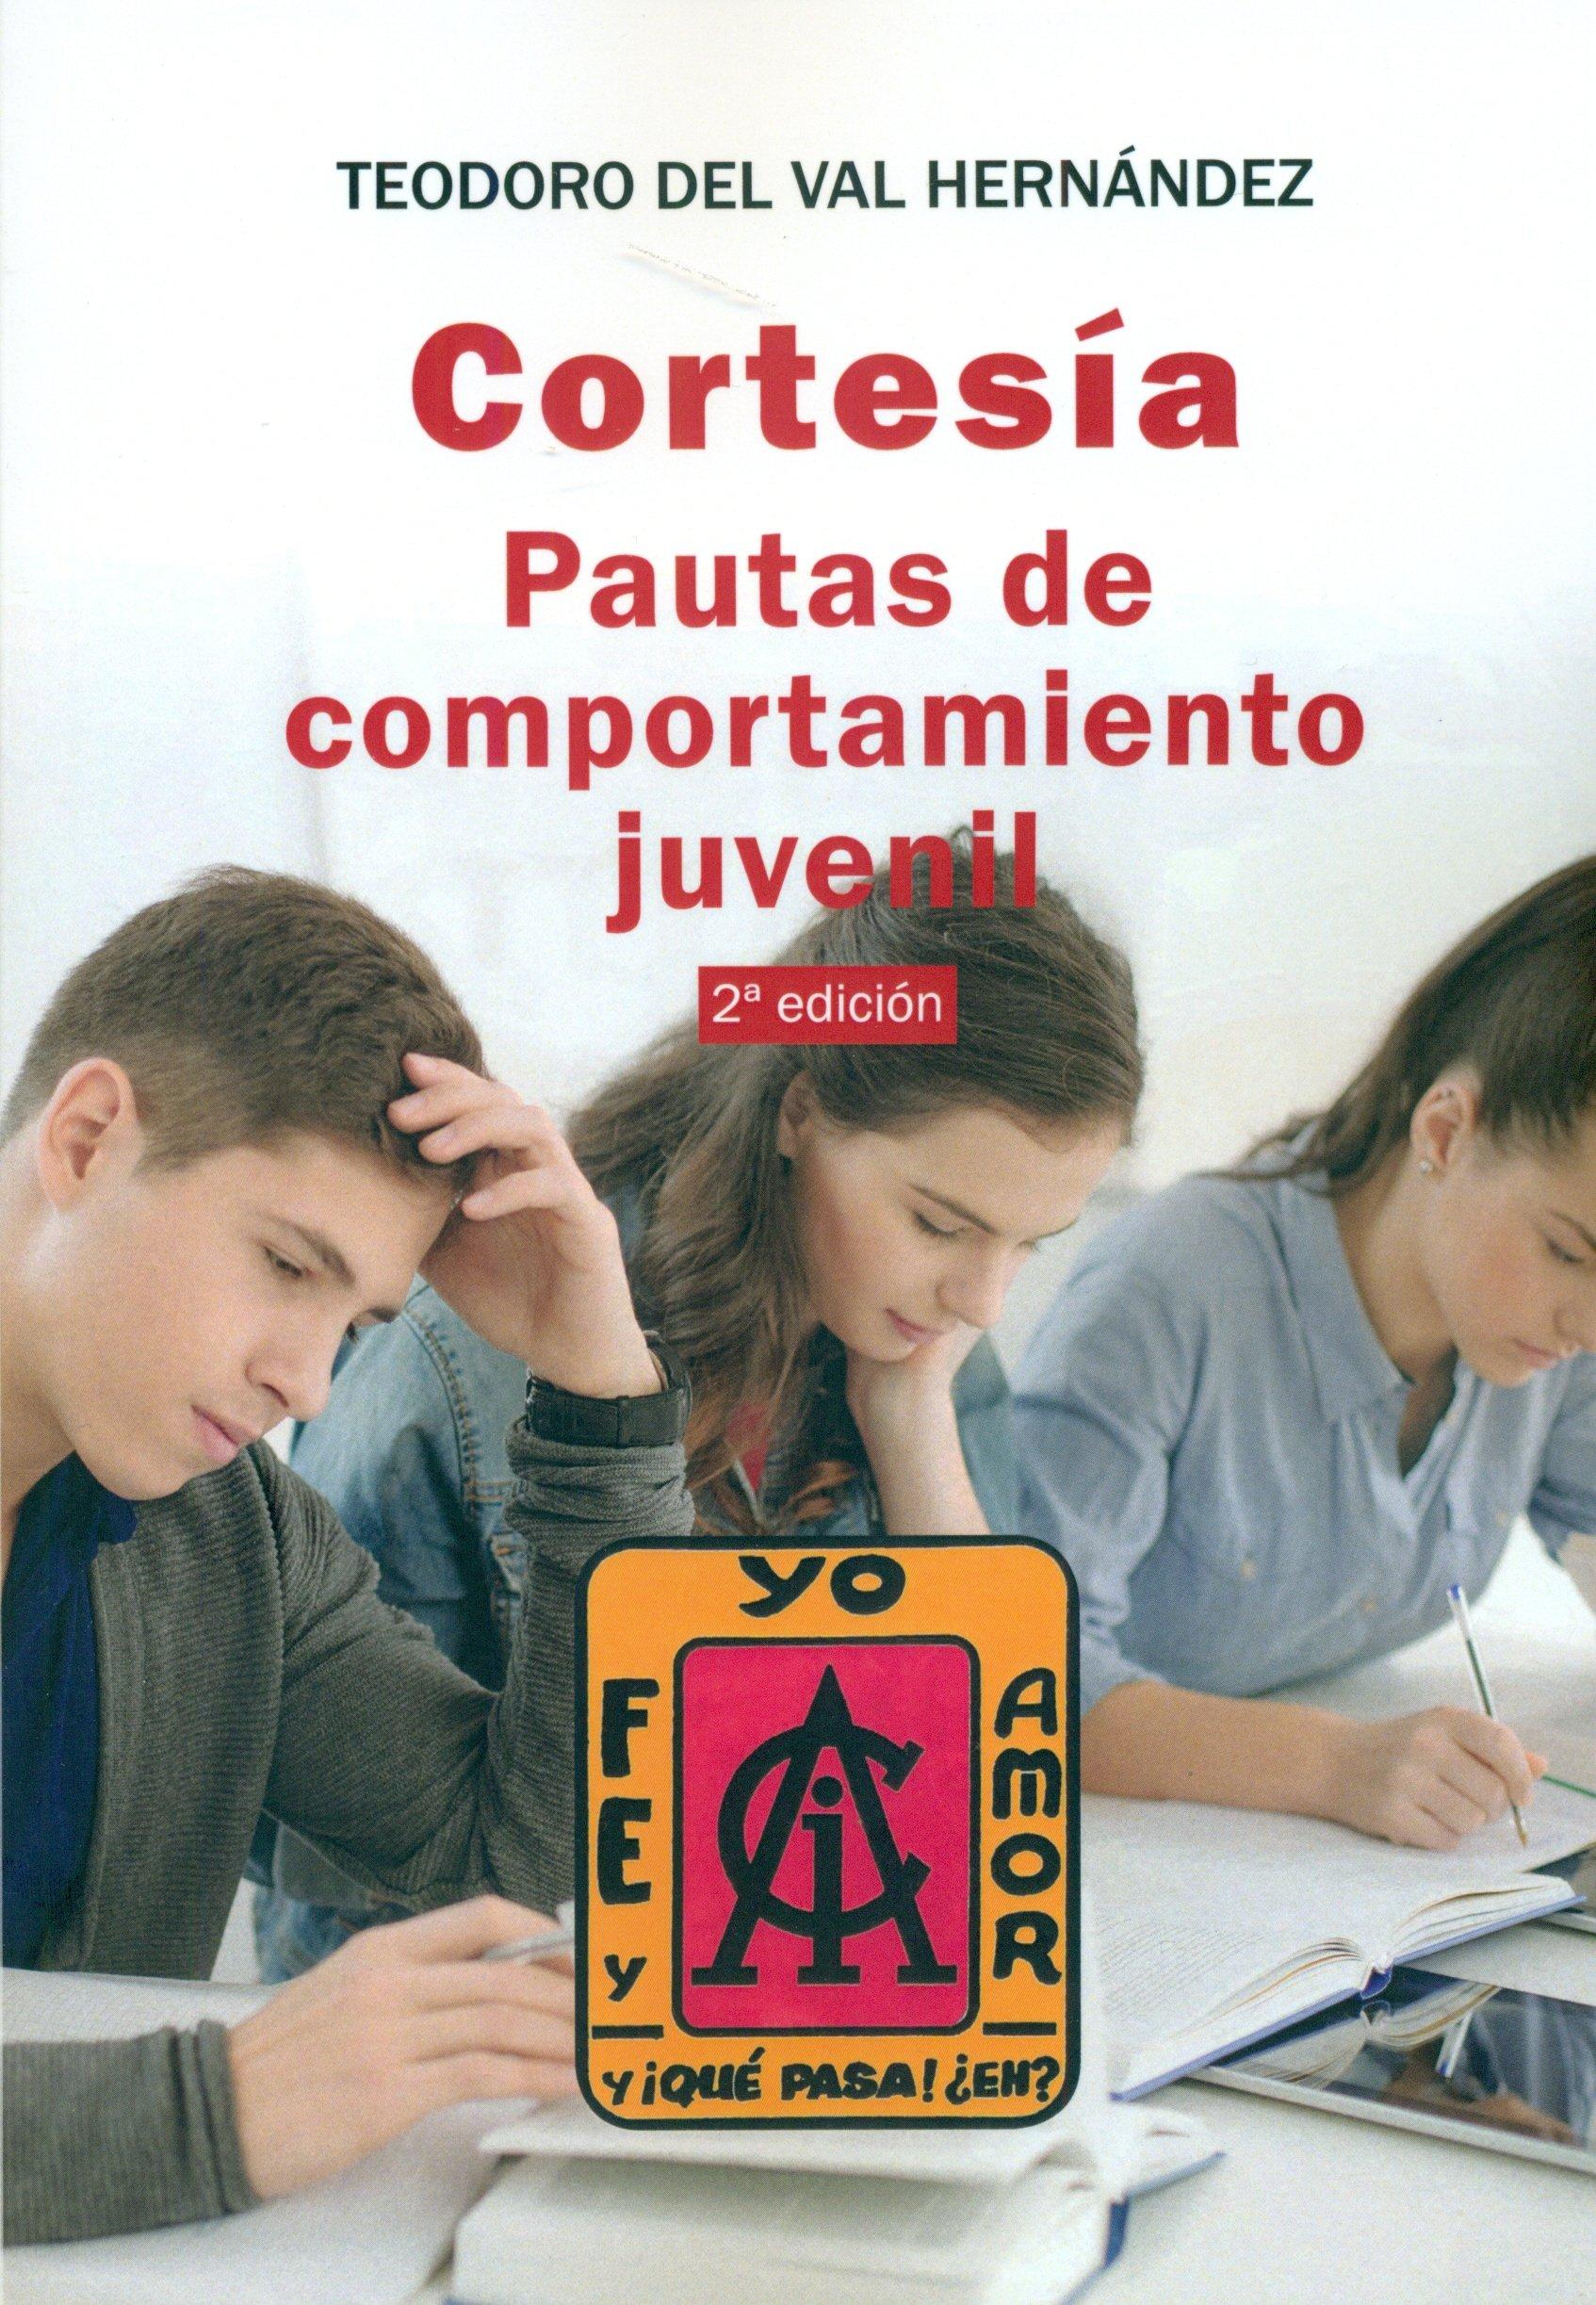 Cortesia: Pautas de comportamiento juvenil: Amazon.es: Teodoro del Val Hernández: Libros